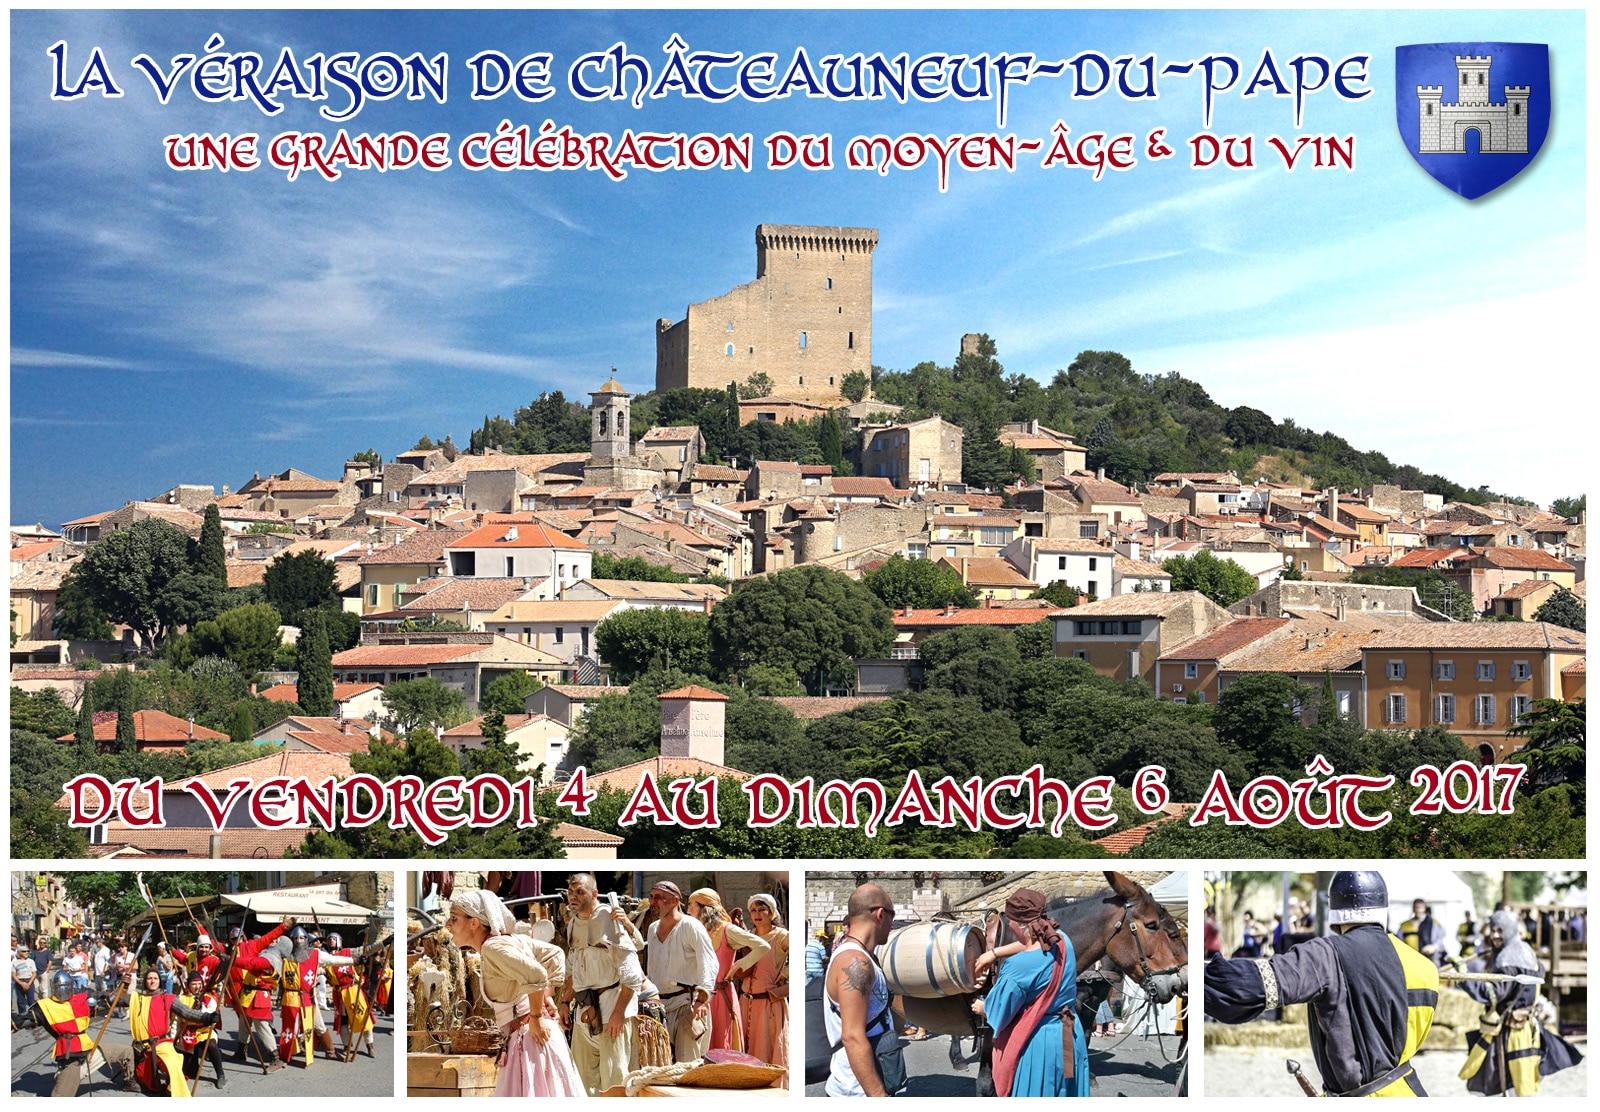 chateauneuf_du_pape_veraison_fetes_vinicoles_festival_animations_medieval_sorties_historiques_moyen-age